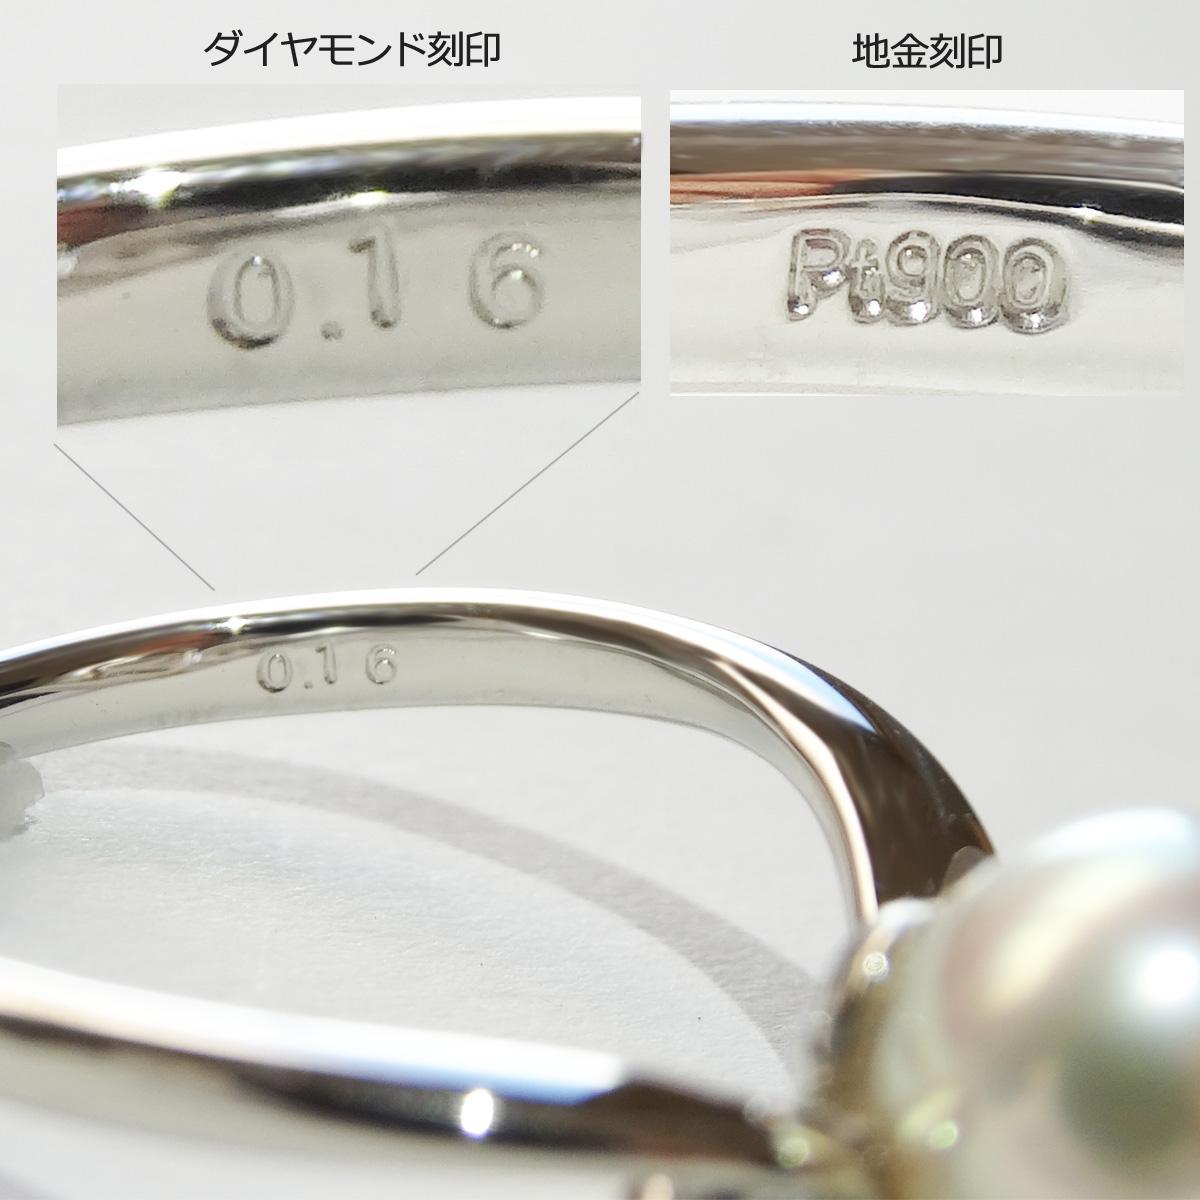 オーロラ 花珠 真珠 アコヤ リング ダイヤモンド レディース 指輪 プラチナ PT900 天然 シンプル 鑑別書付き